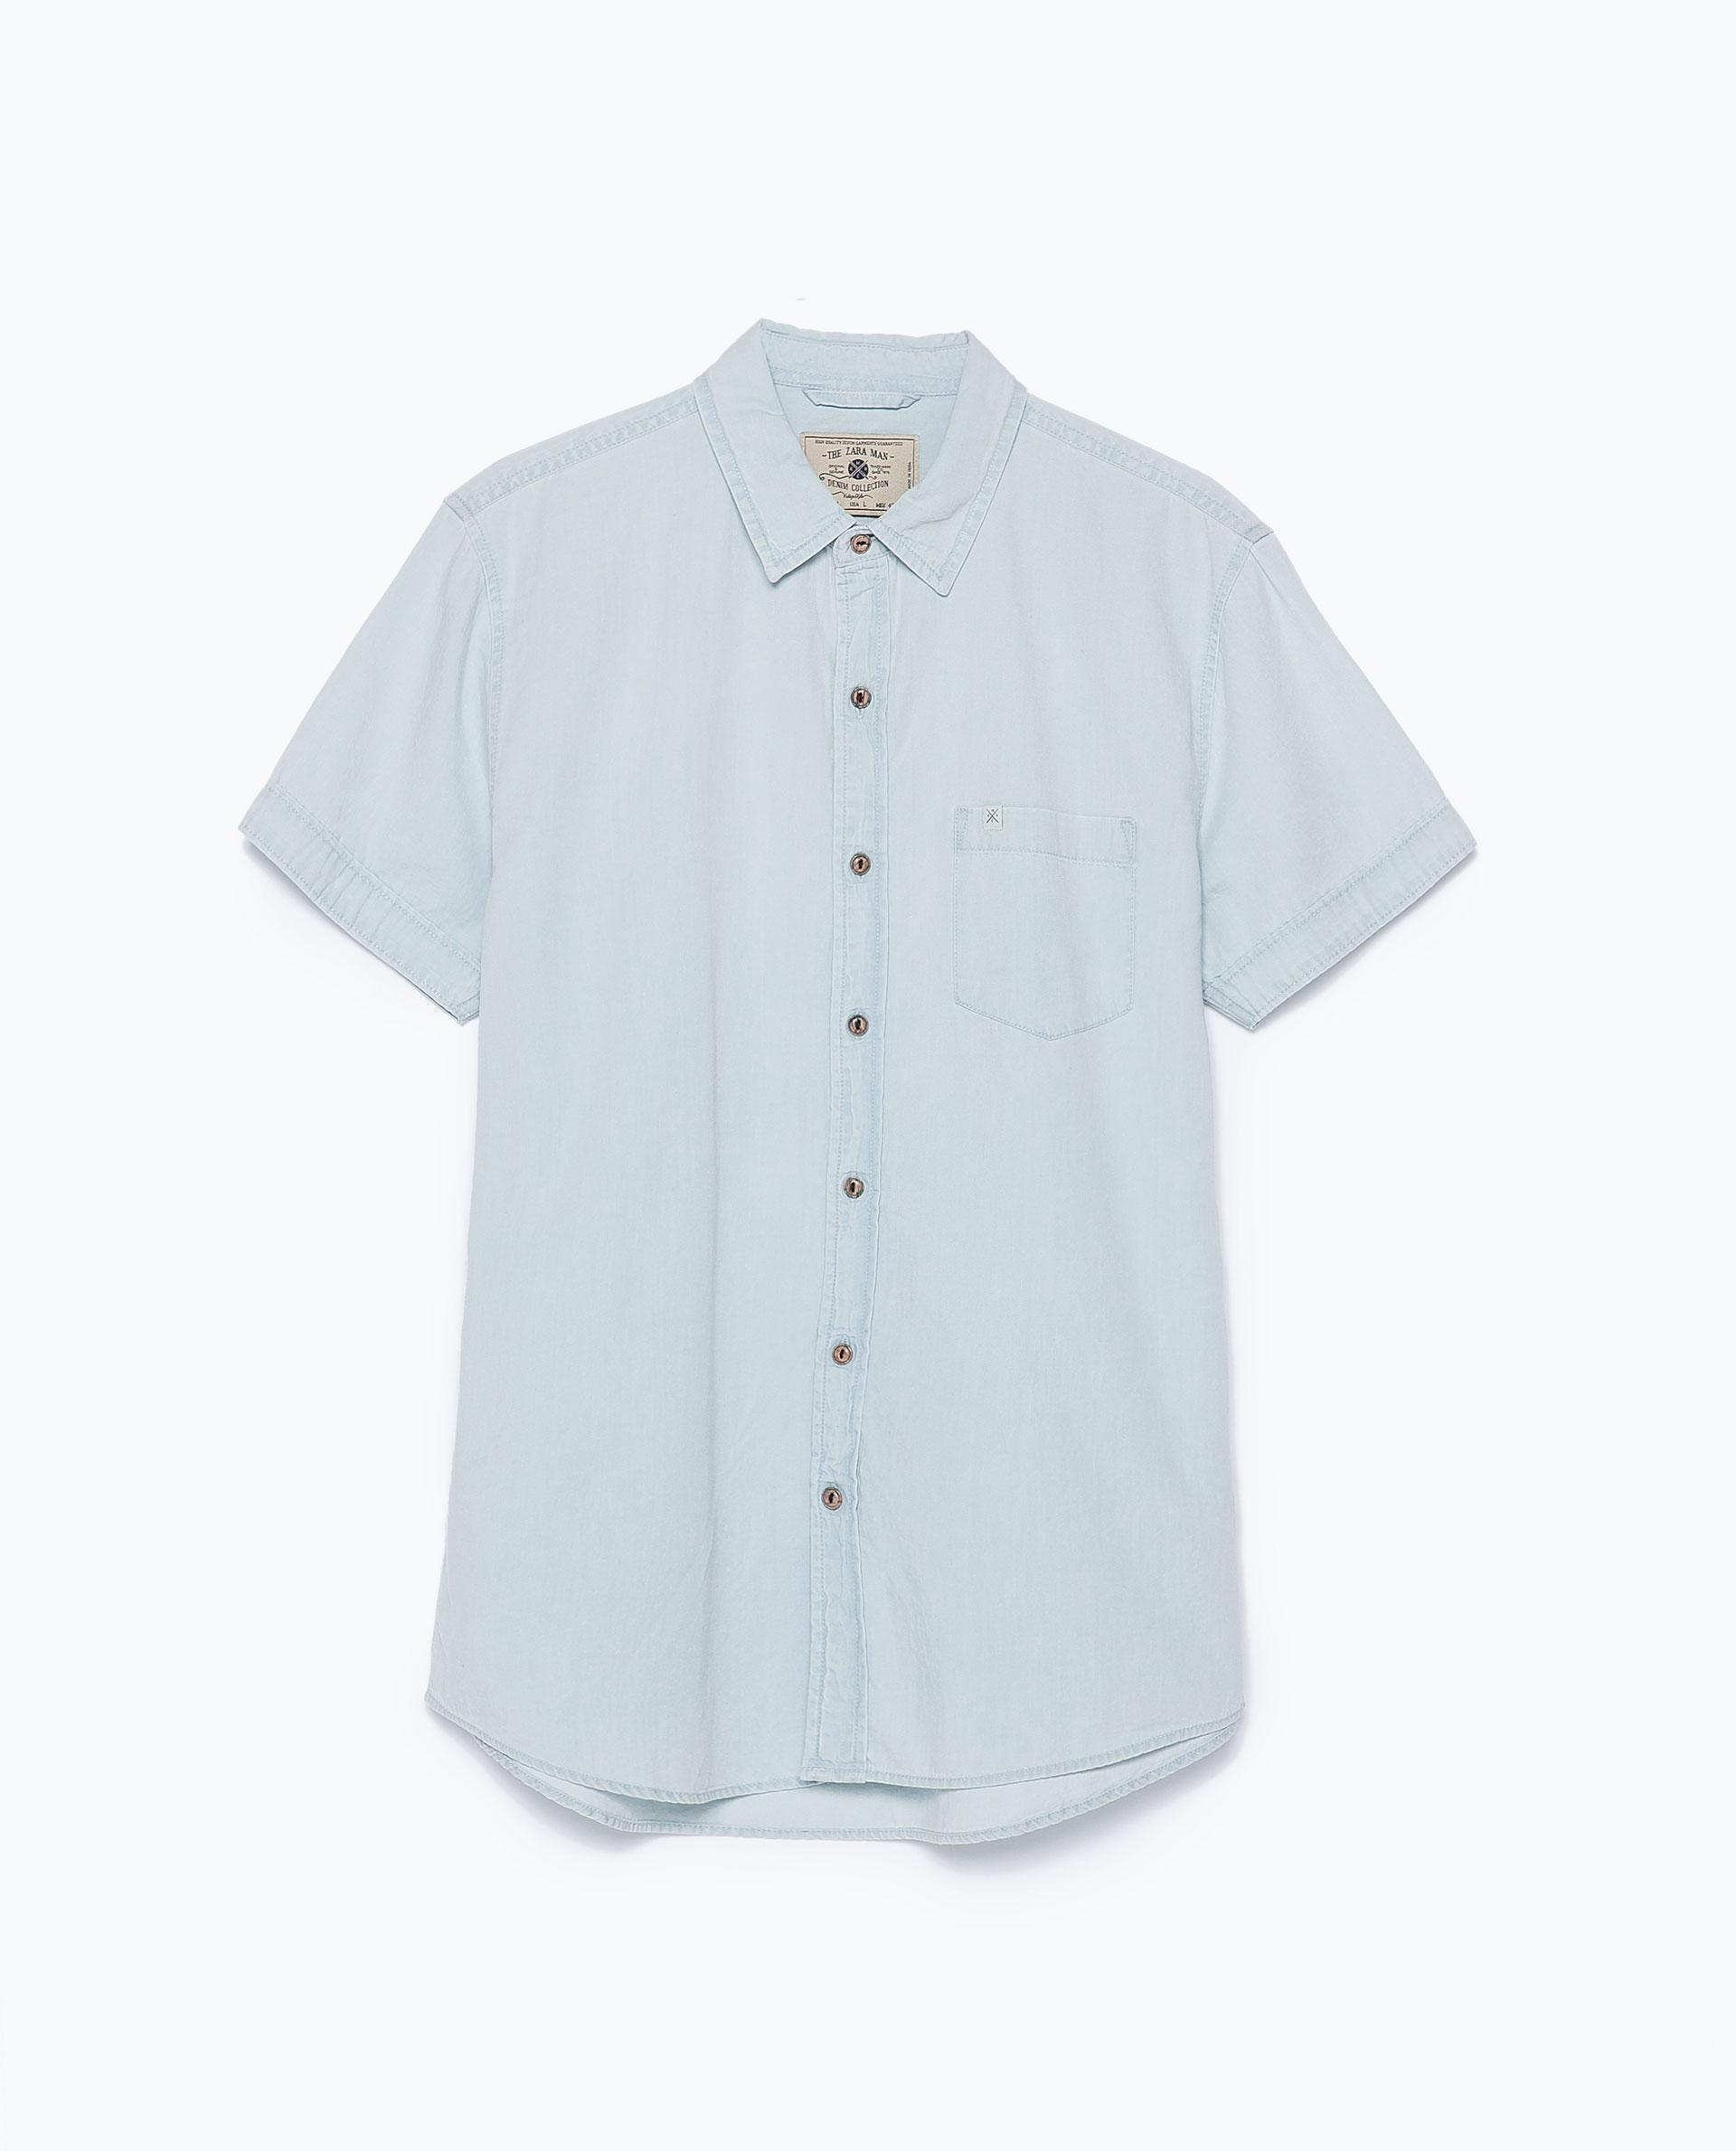 Zara Short Sleeve Denim Shirt In Blue For Men Light